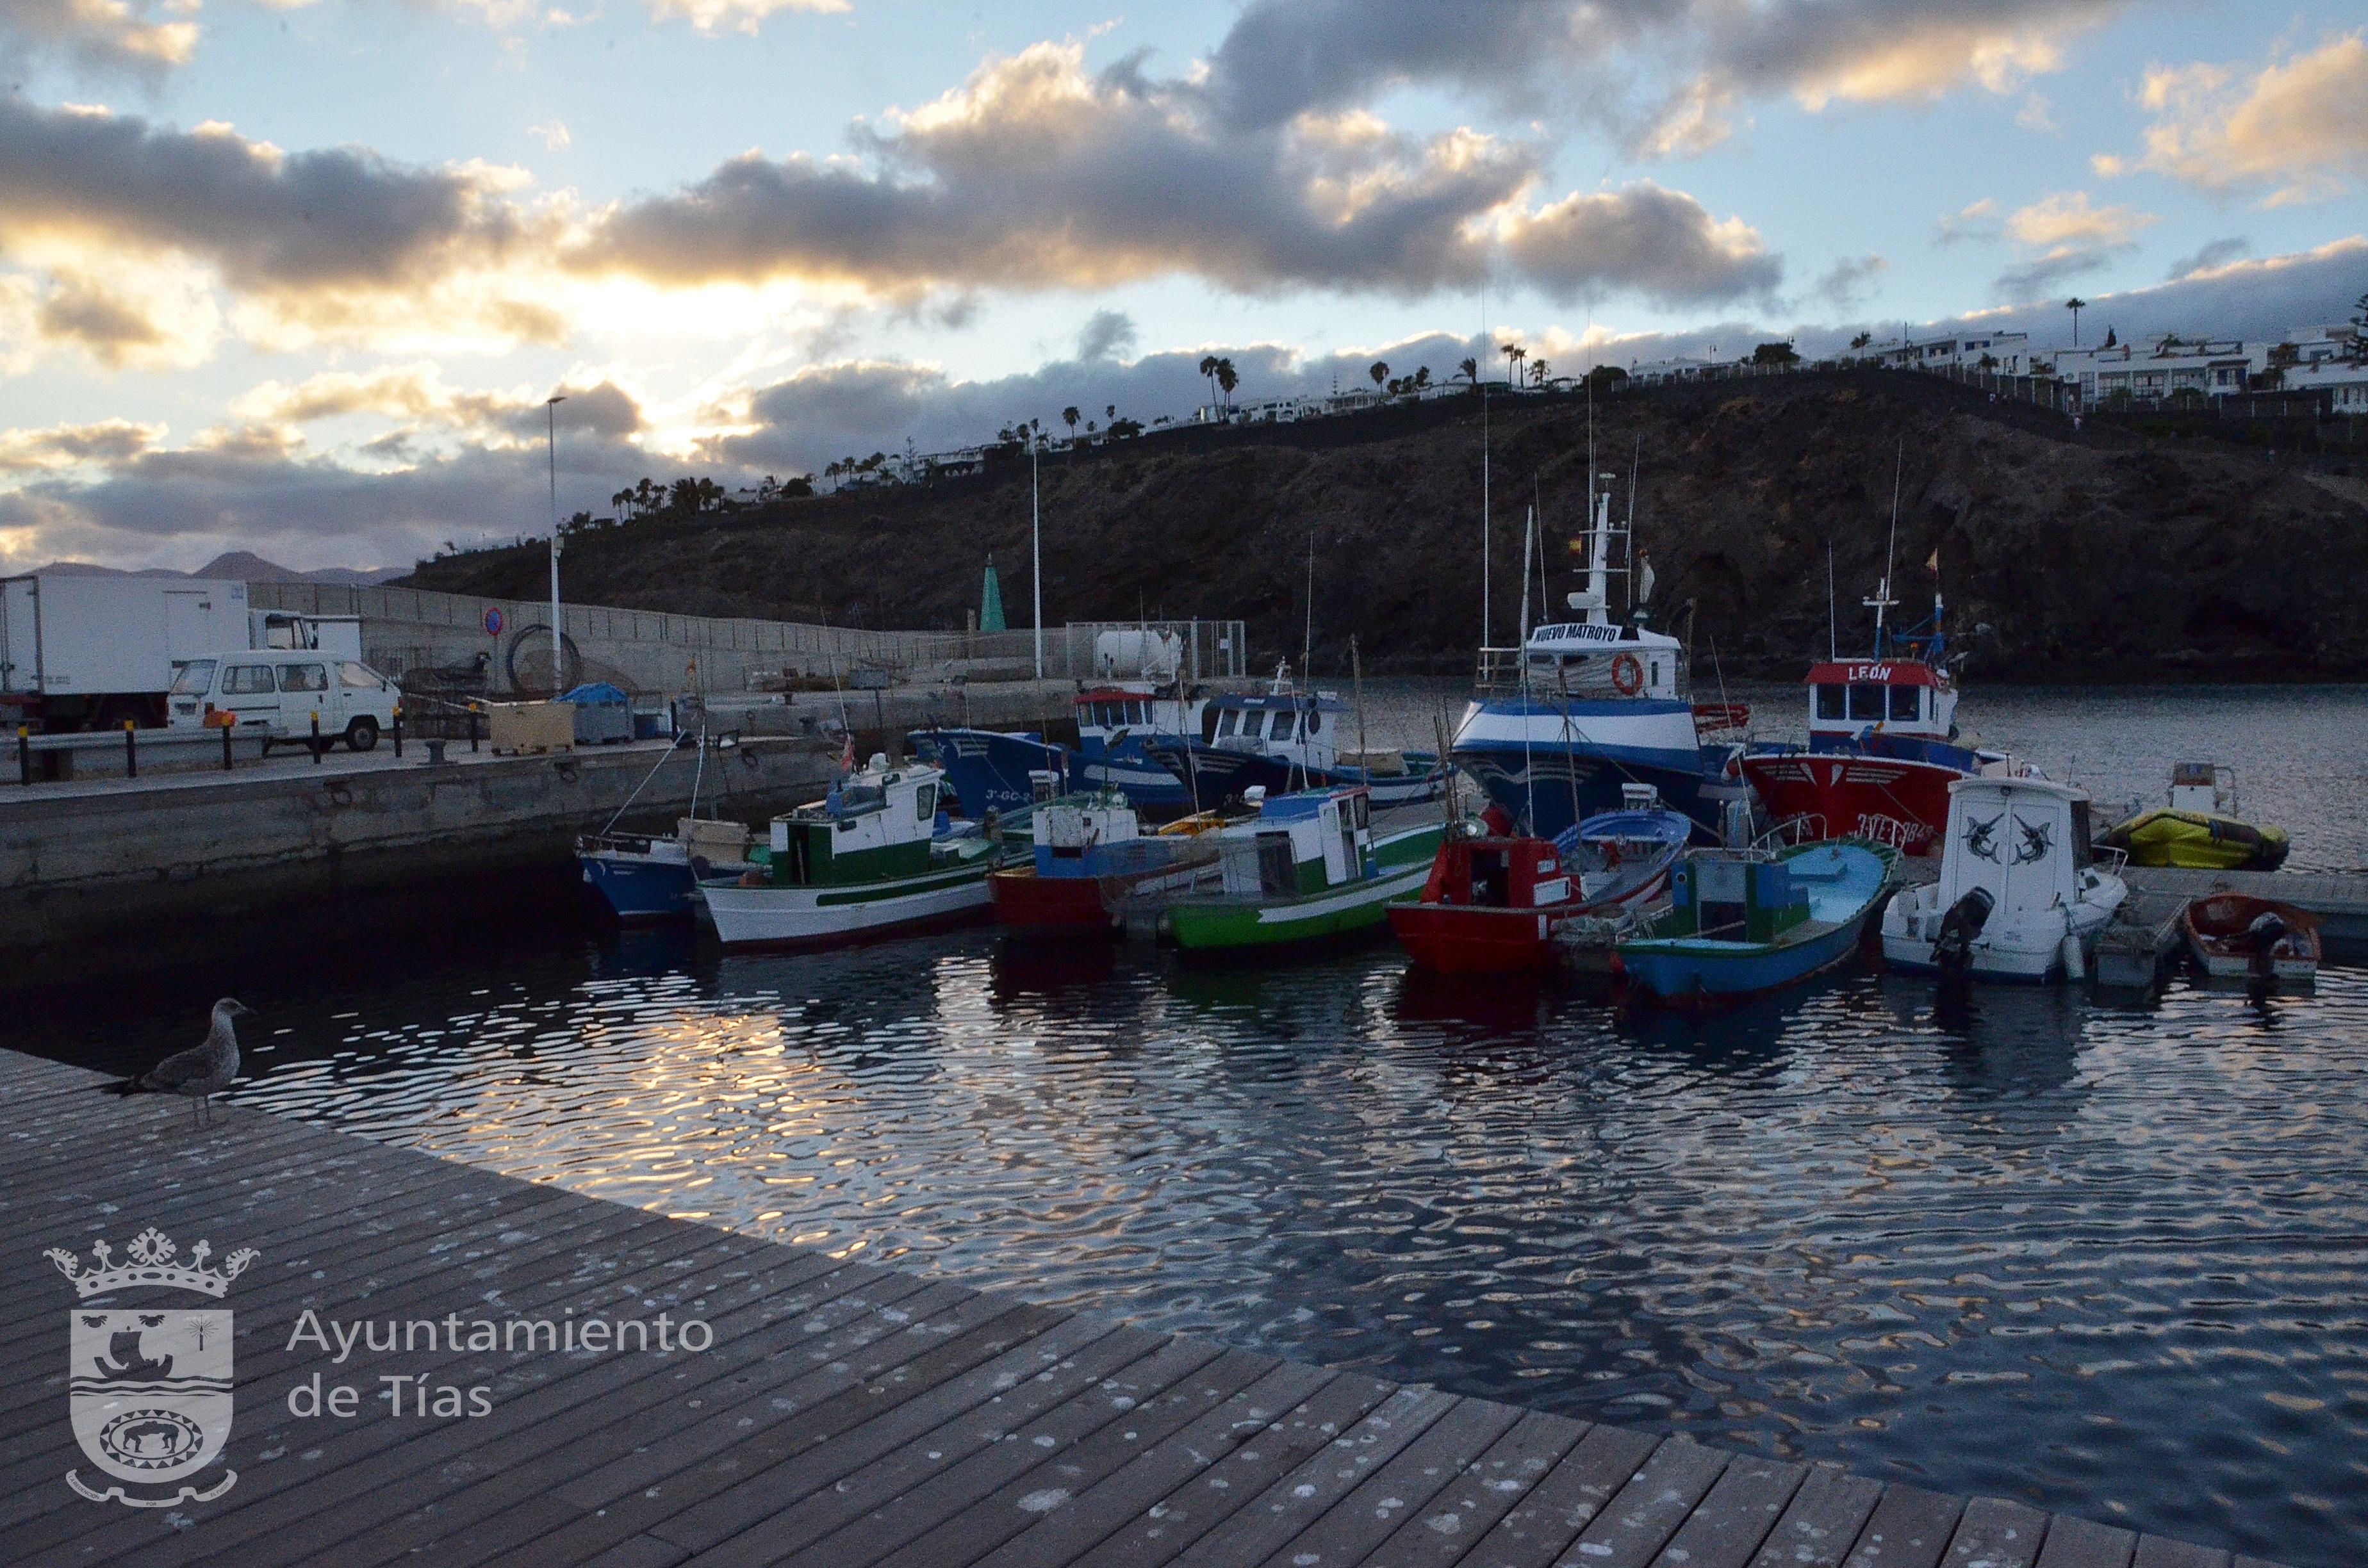 El jueves finaliza el plazo de inscripción de las embarcaciones para la procesión marítima de Puerto del Carmen